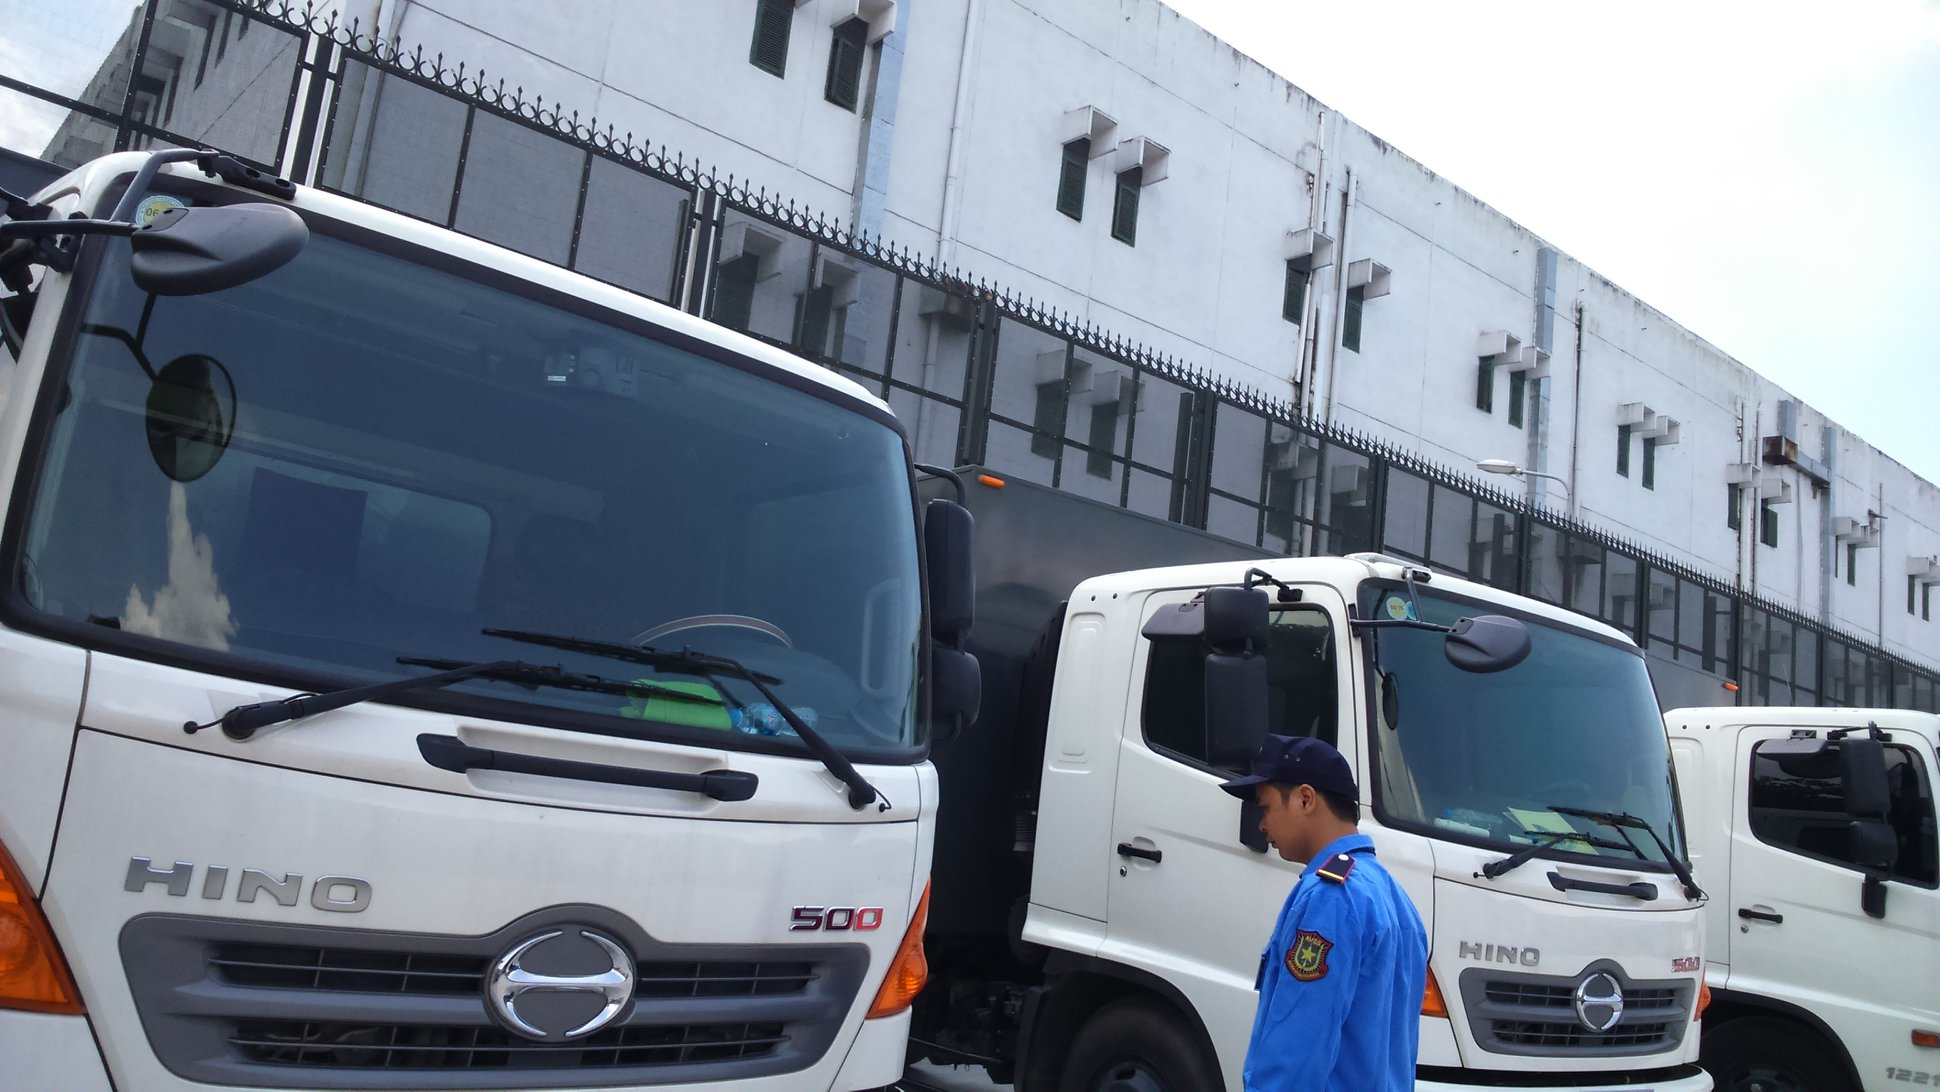 Triển khai dịch vụ bảo vệ chuyên nghiệp tại Cục phát hành và kho quỹ - Ngân hàng Nhà nước Việt Nam